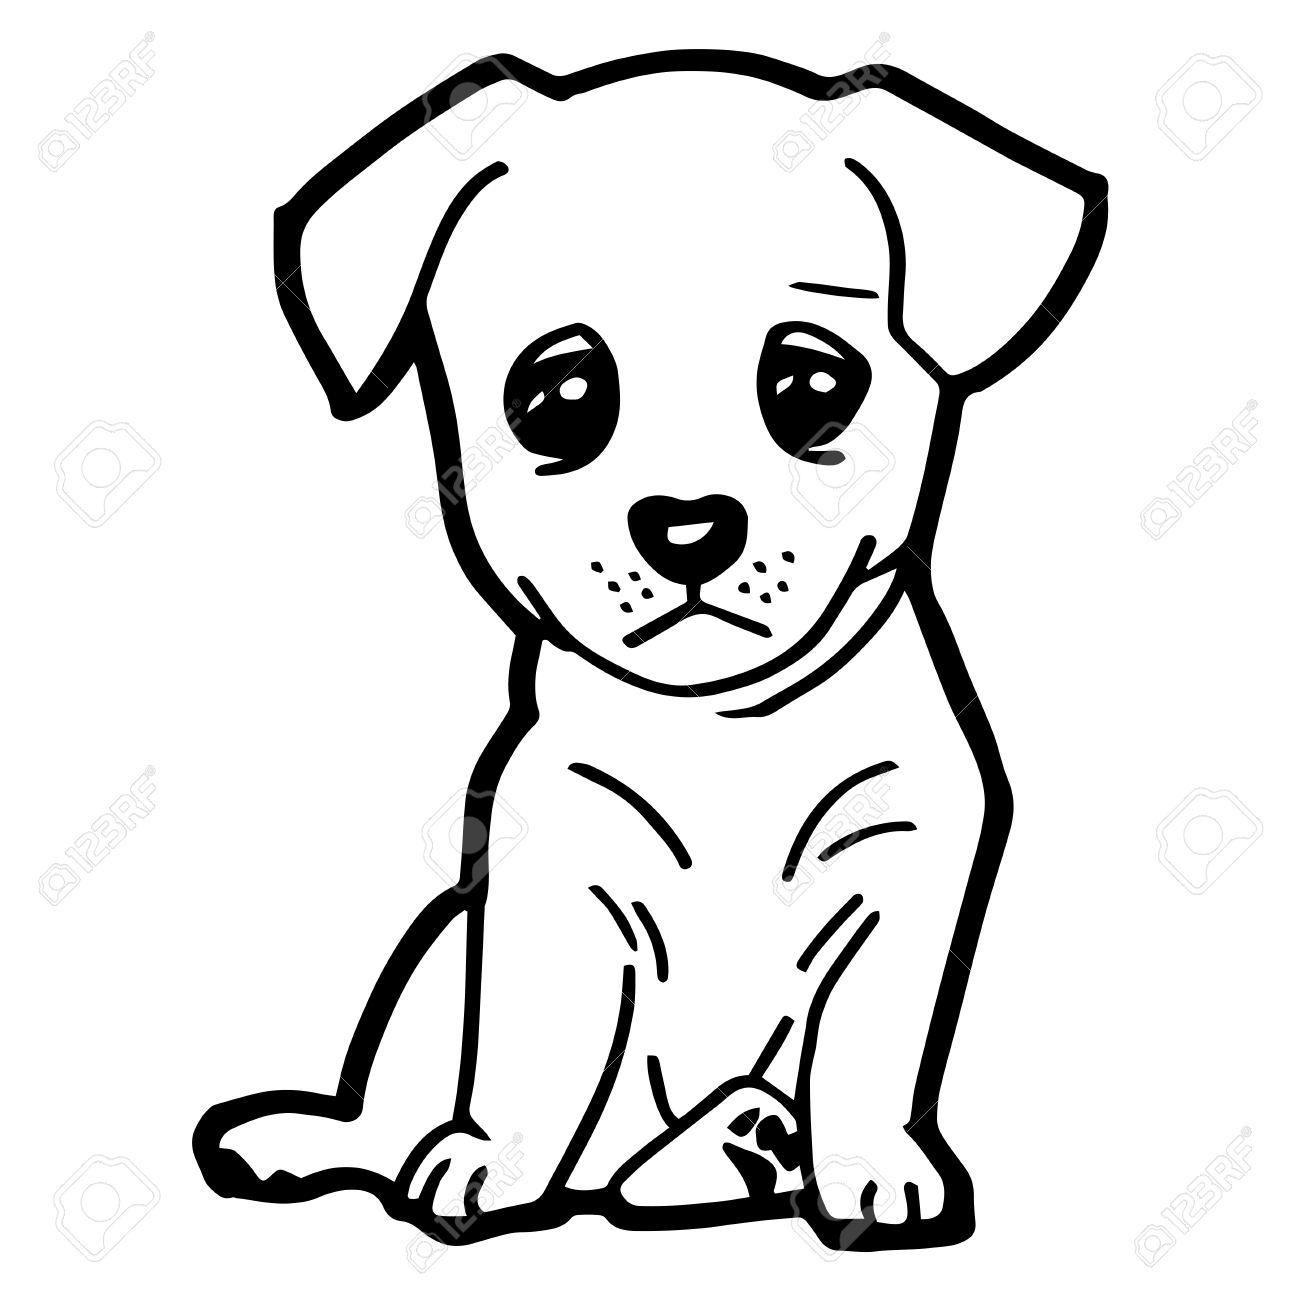 Encantador Dibujos Para Colorear De Perros Pug